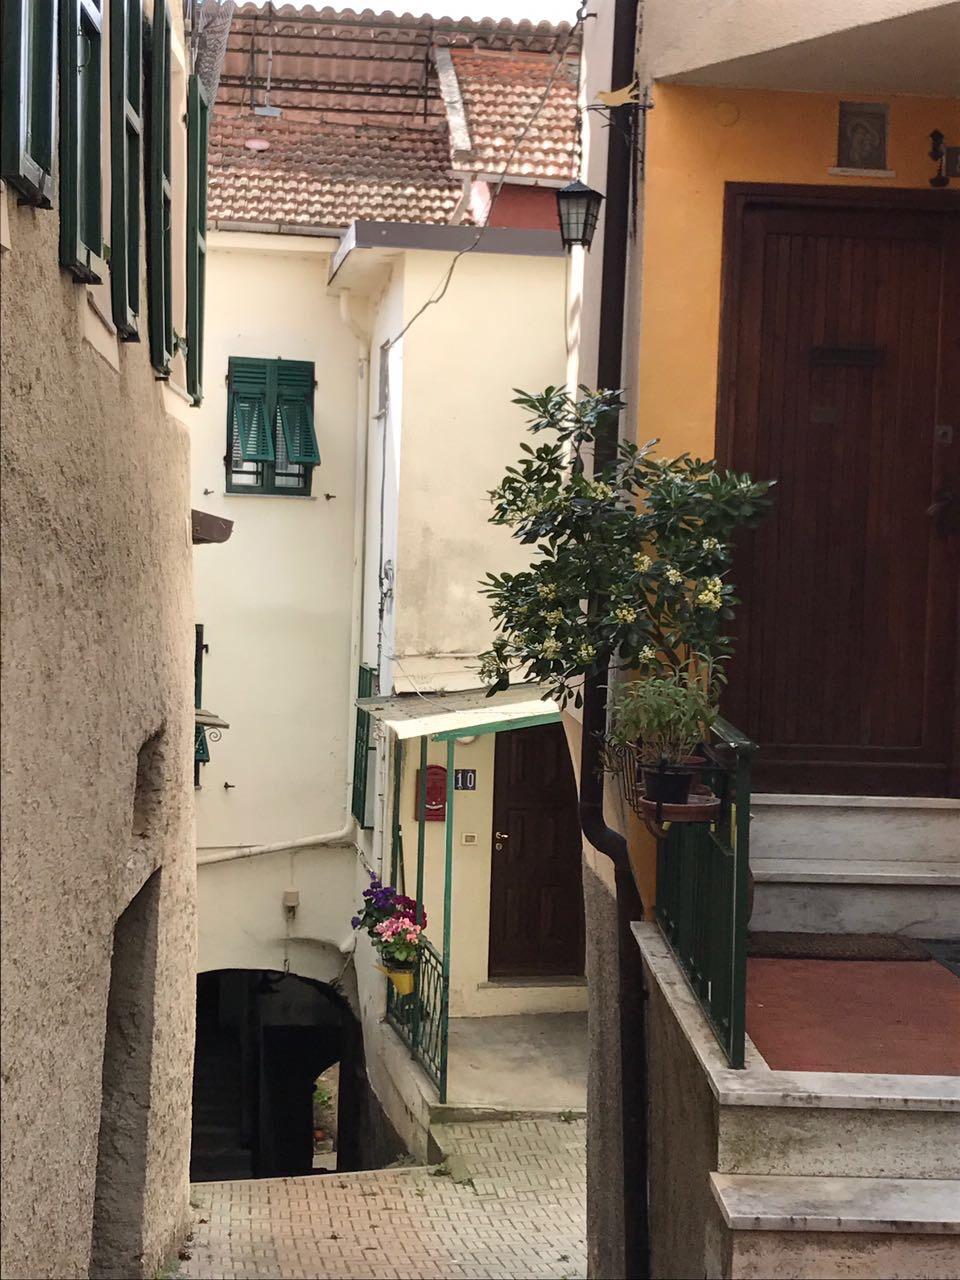 Appartamento in vendita a Chiusavecchia, 3 locali, prezzo € 38.000 | CambioCasa.it